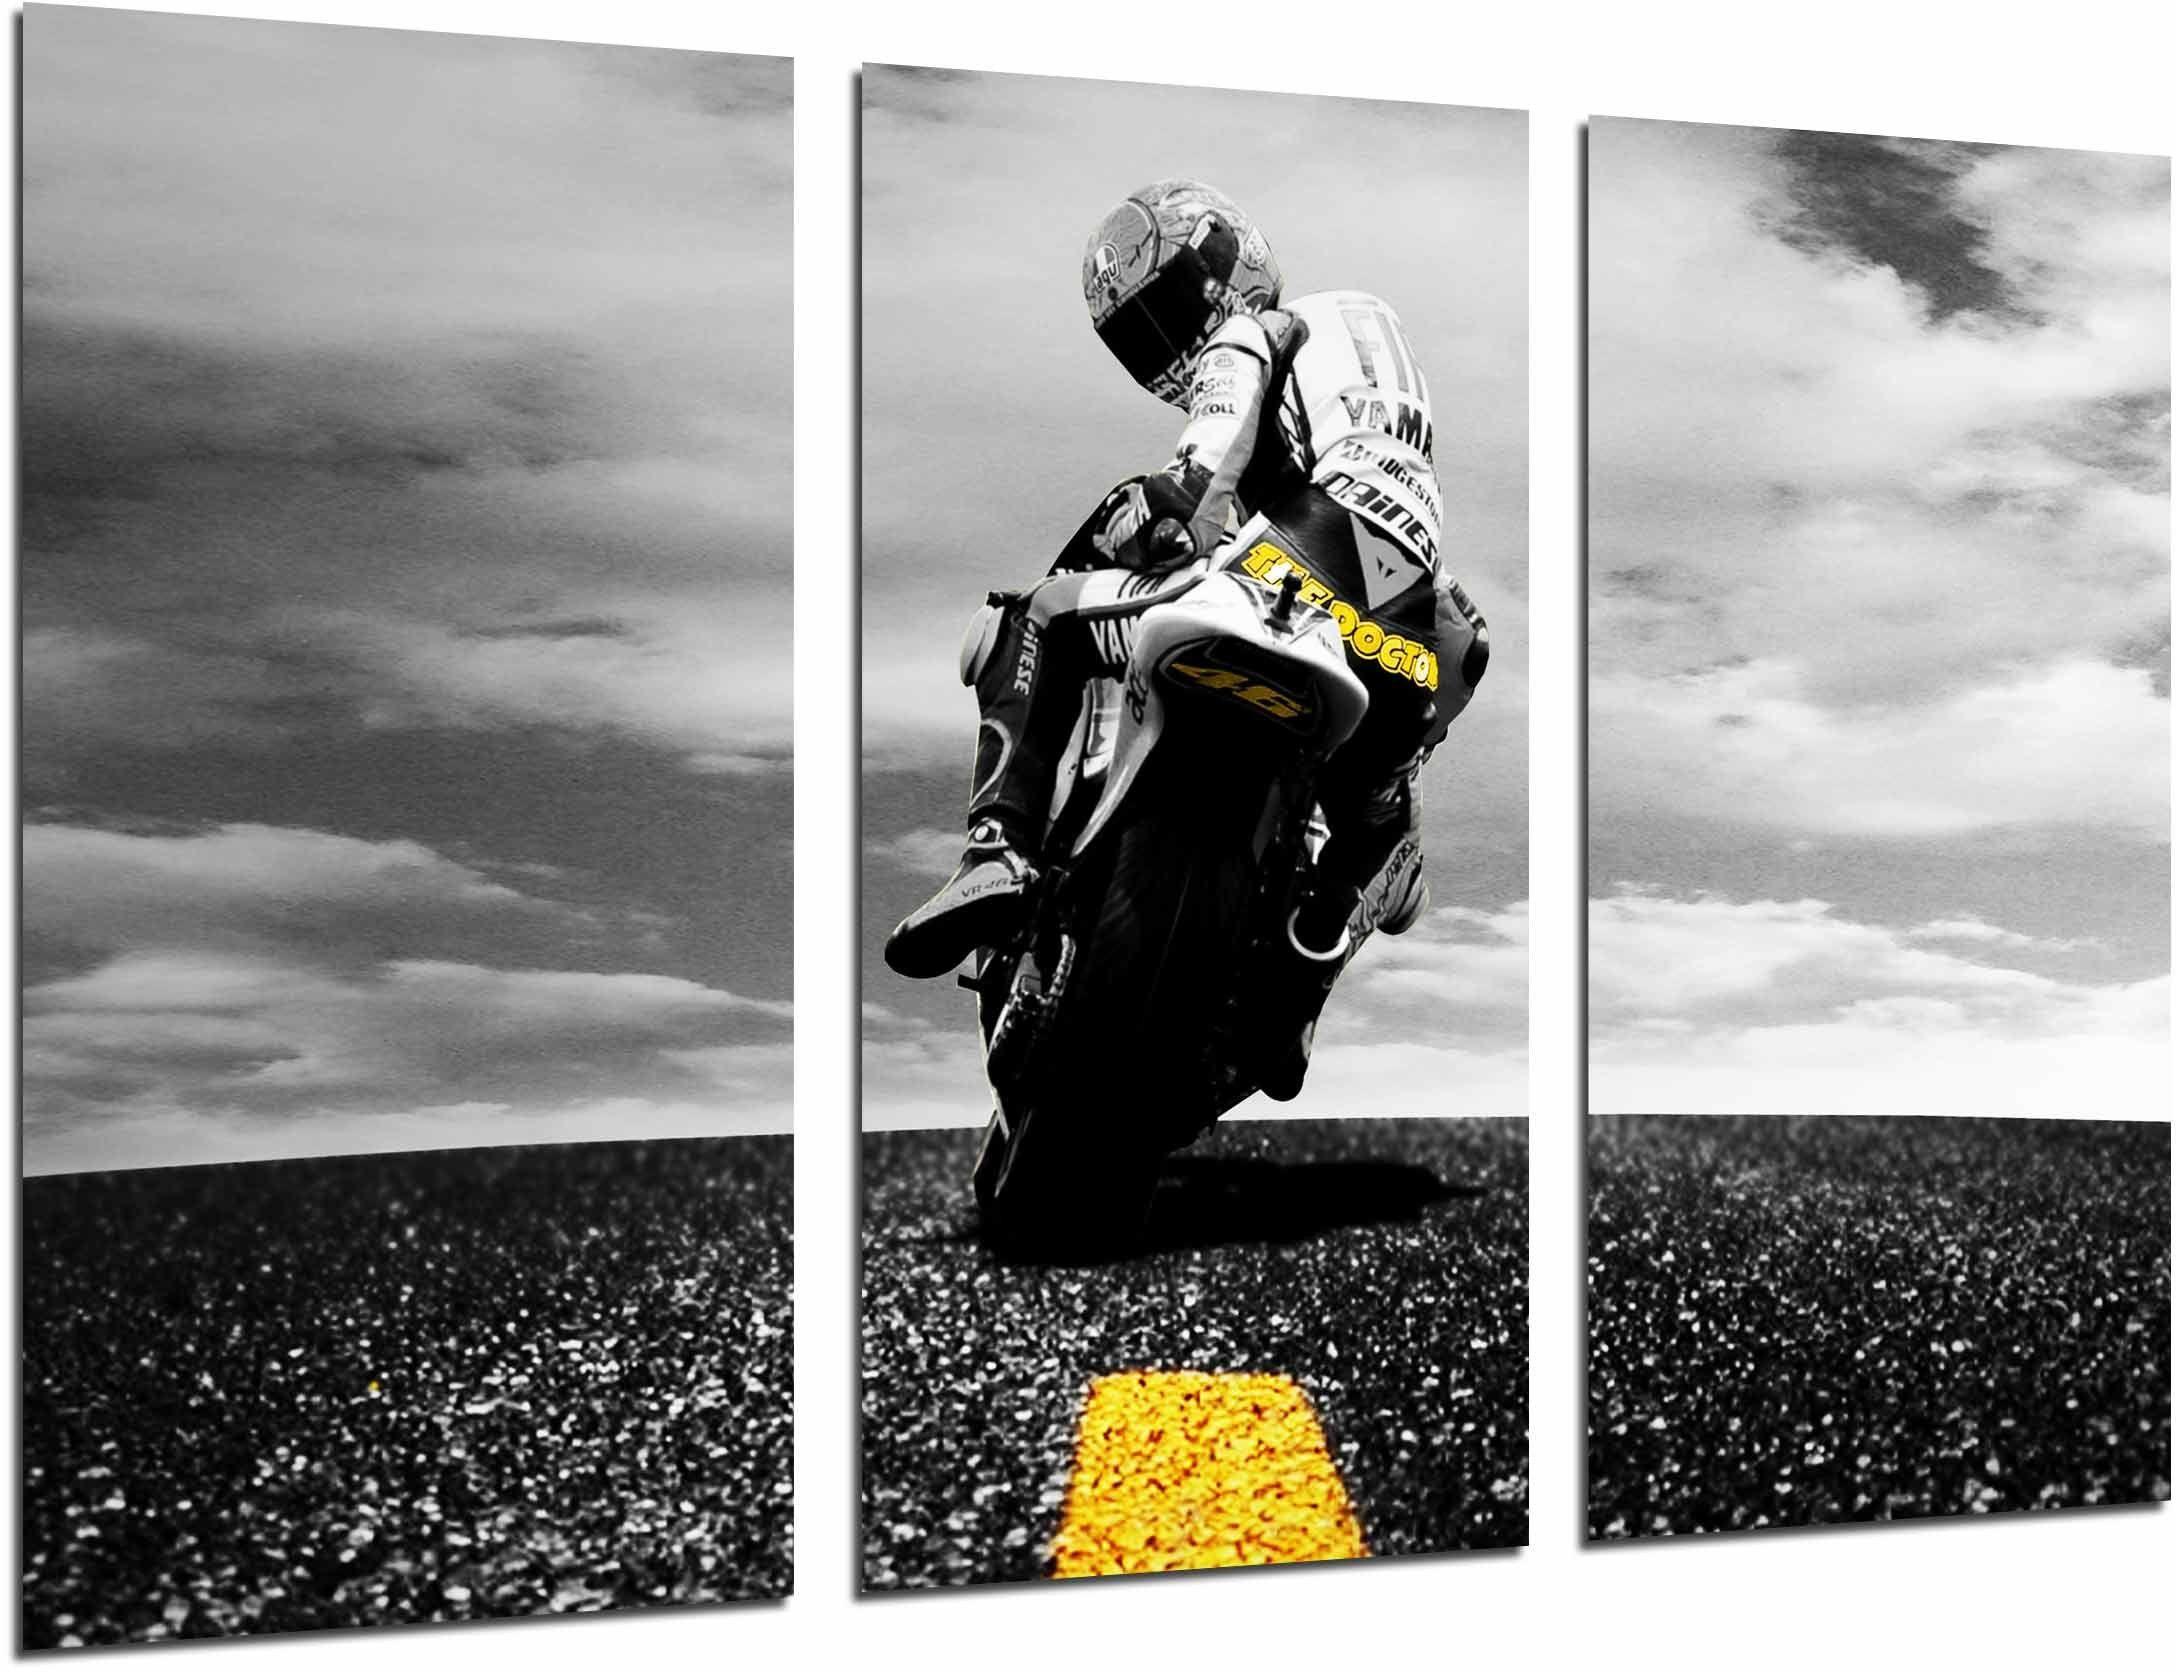 Obraz ścienny - rower wyścigowy, Biker, żółty, 97 x 62 cm, druk drewna - format XXL - druk artystyczny, ref.26671